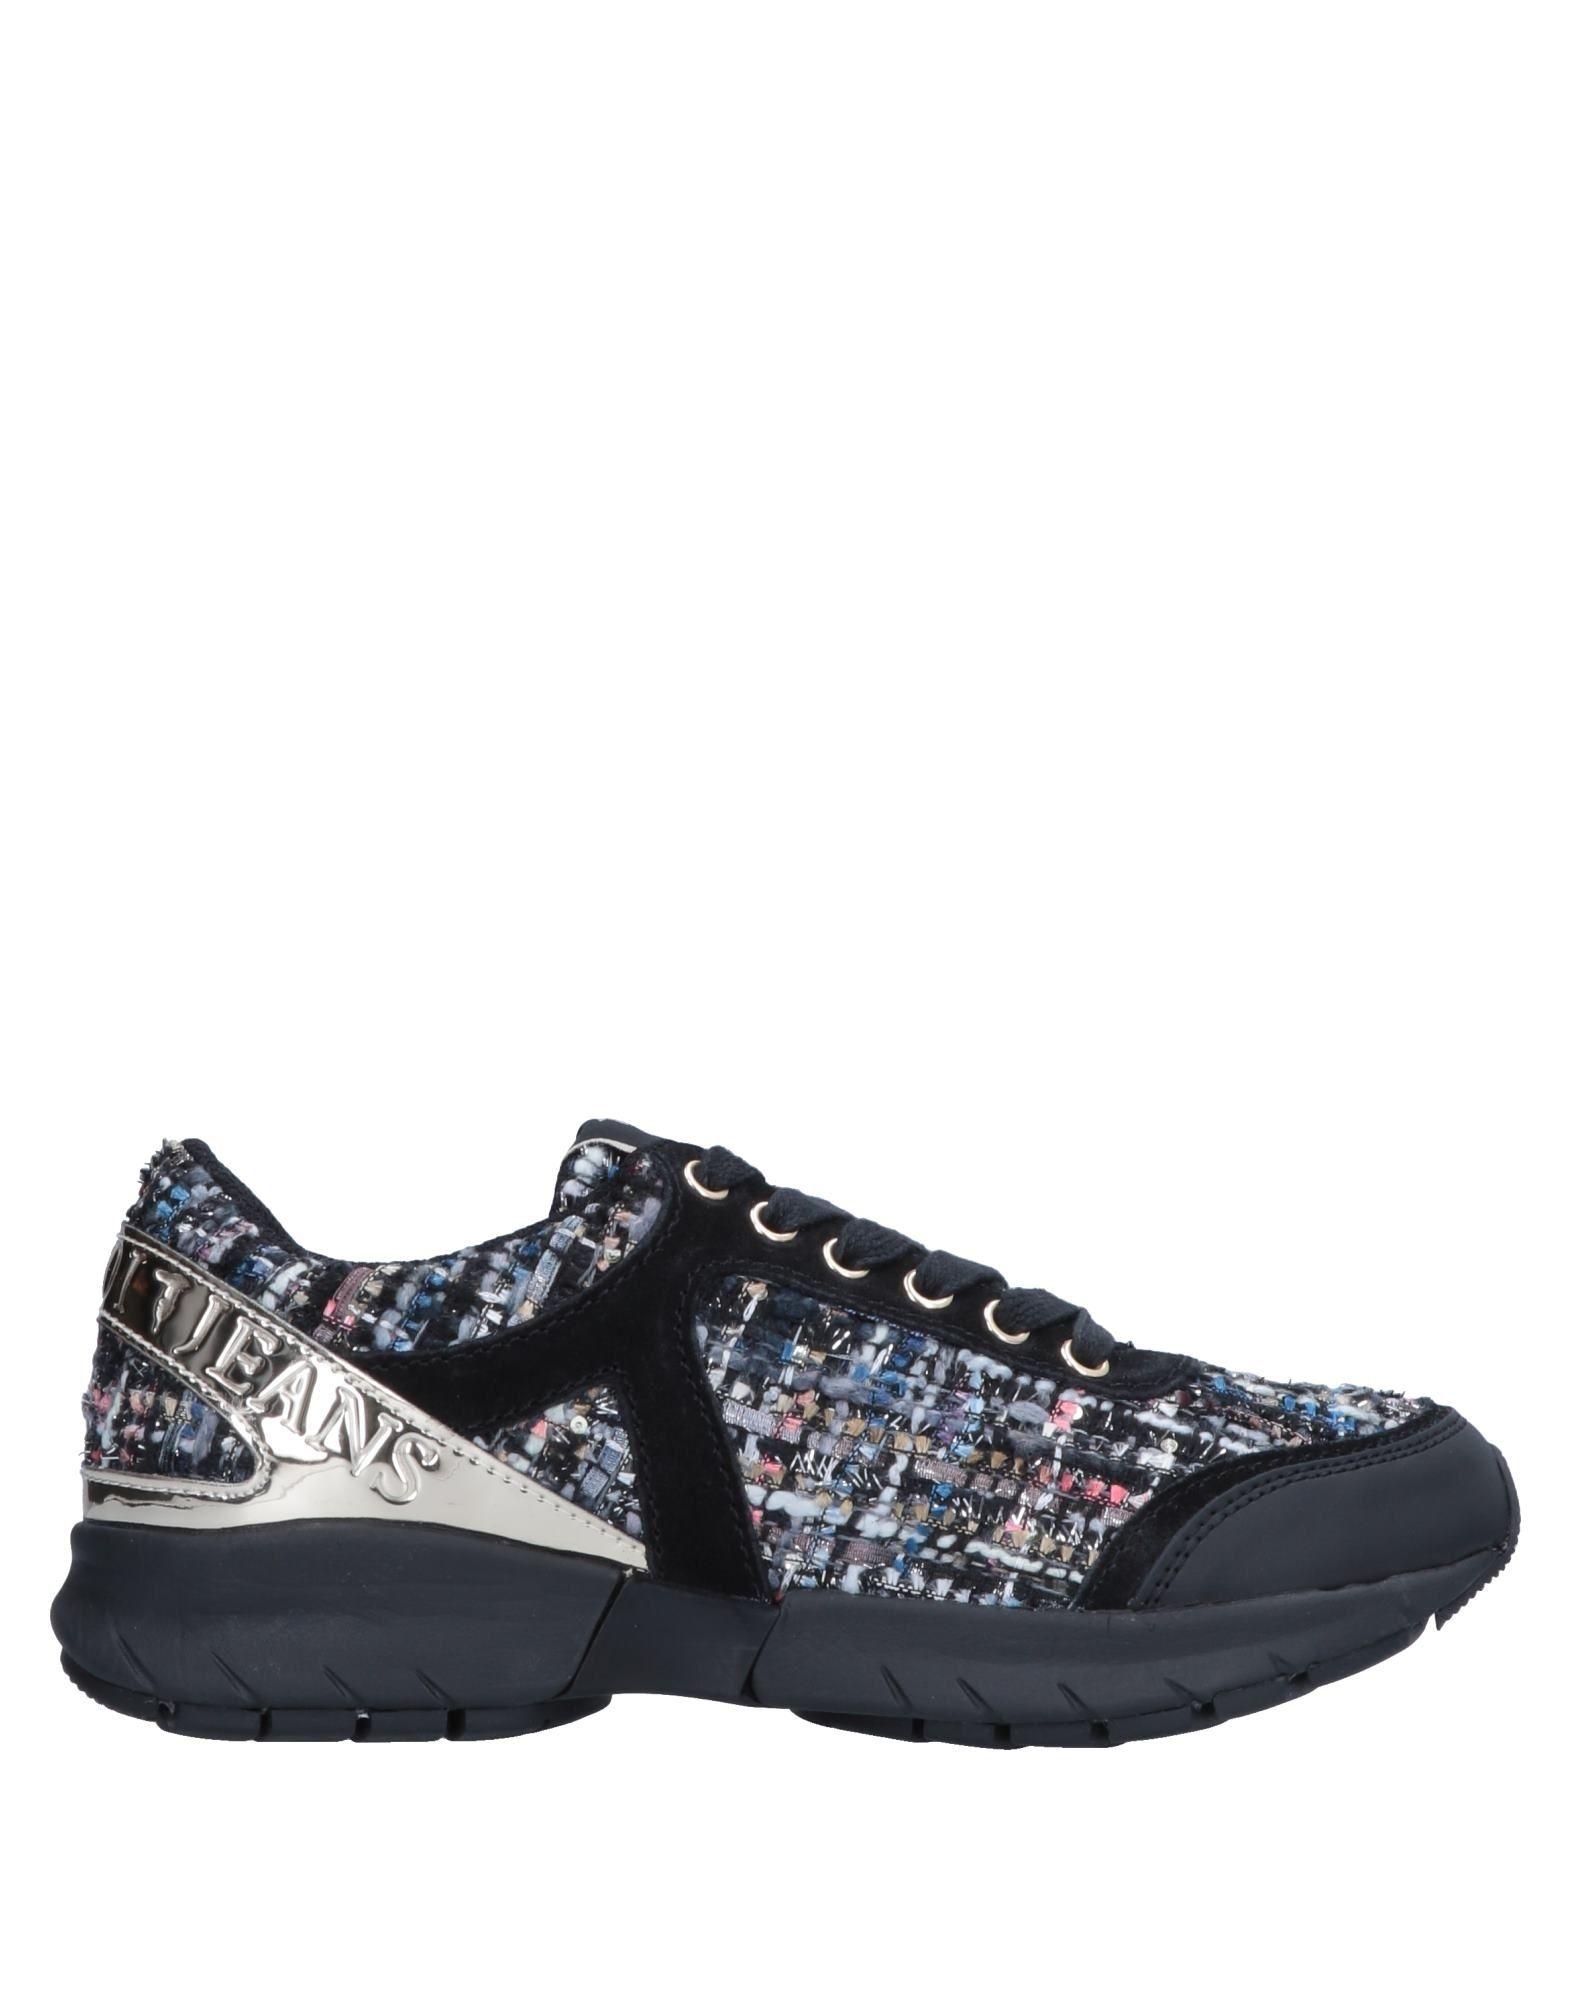 Baskets Trussardi Jeans femmes - Baskets Trussardi Trussardi Trussardi Jeans Noir Les chaussures les plus populaires pour les hommes et les femmes 704a9b